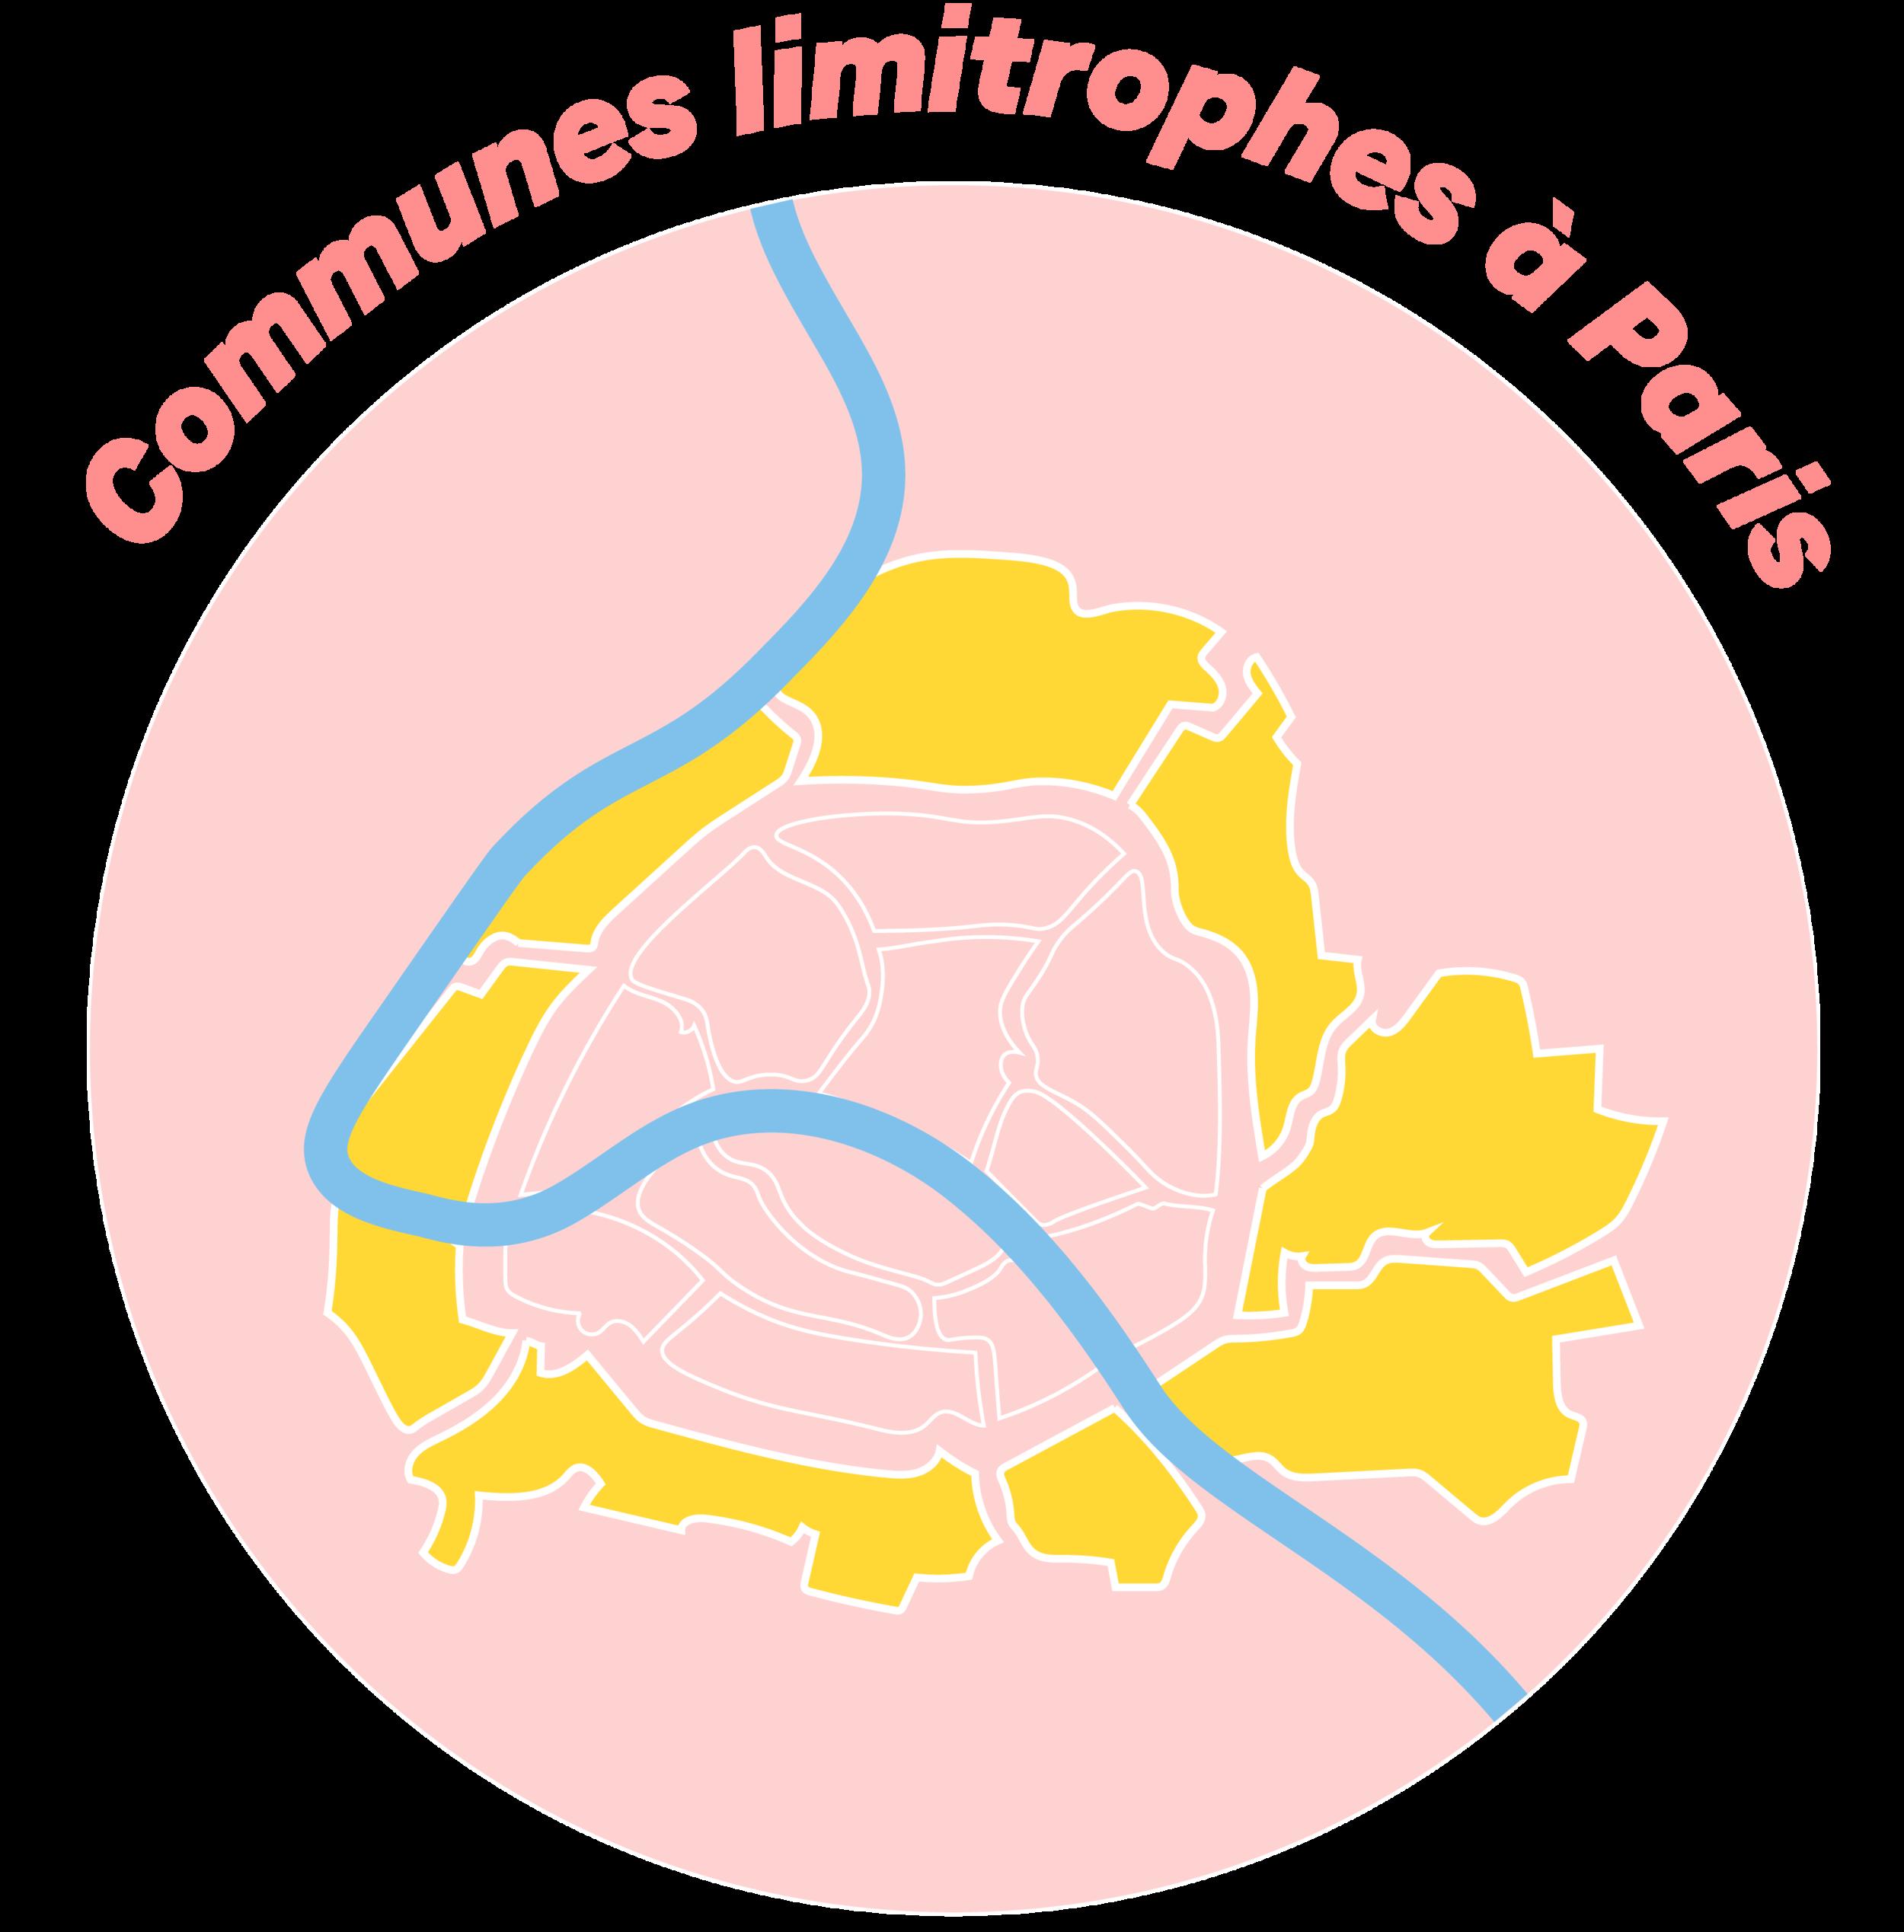 Map-communes-limitrophes-08.PNG